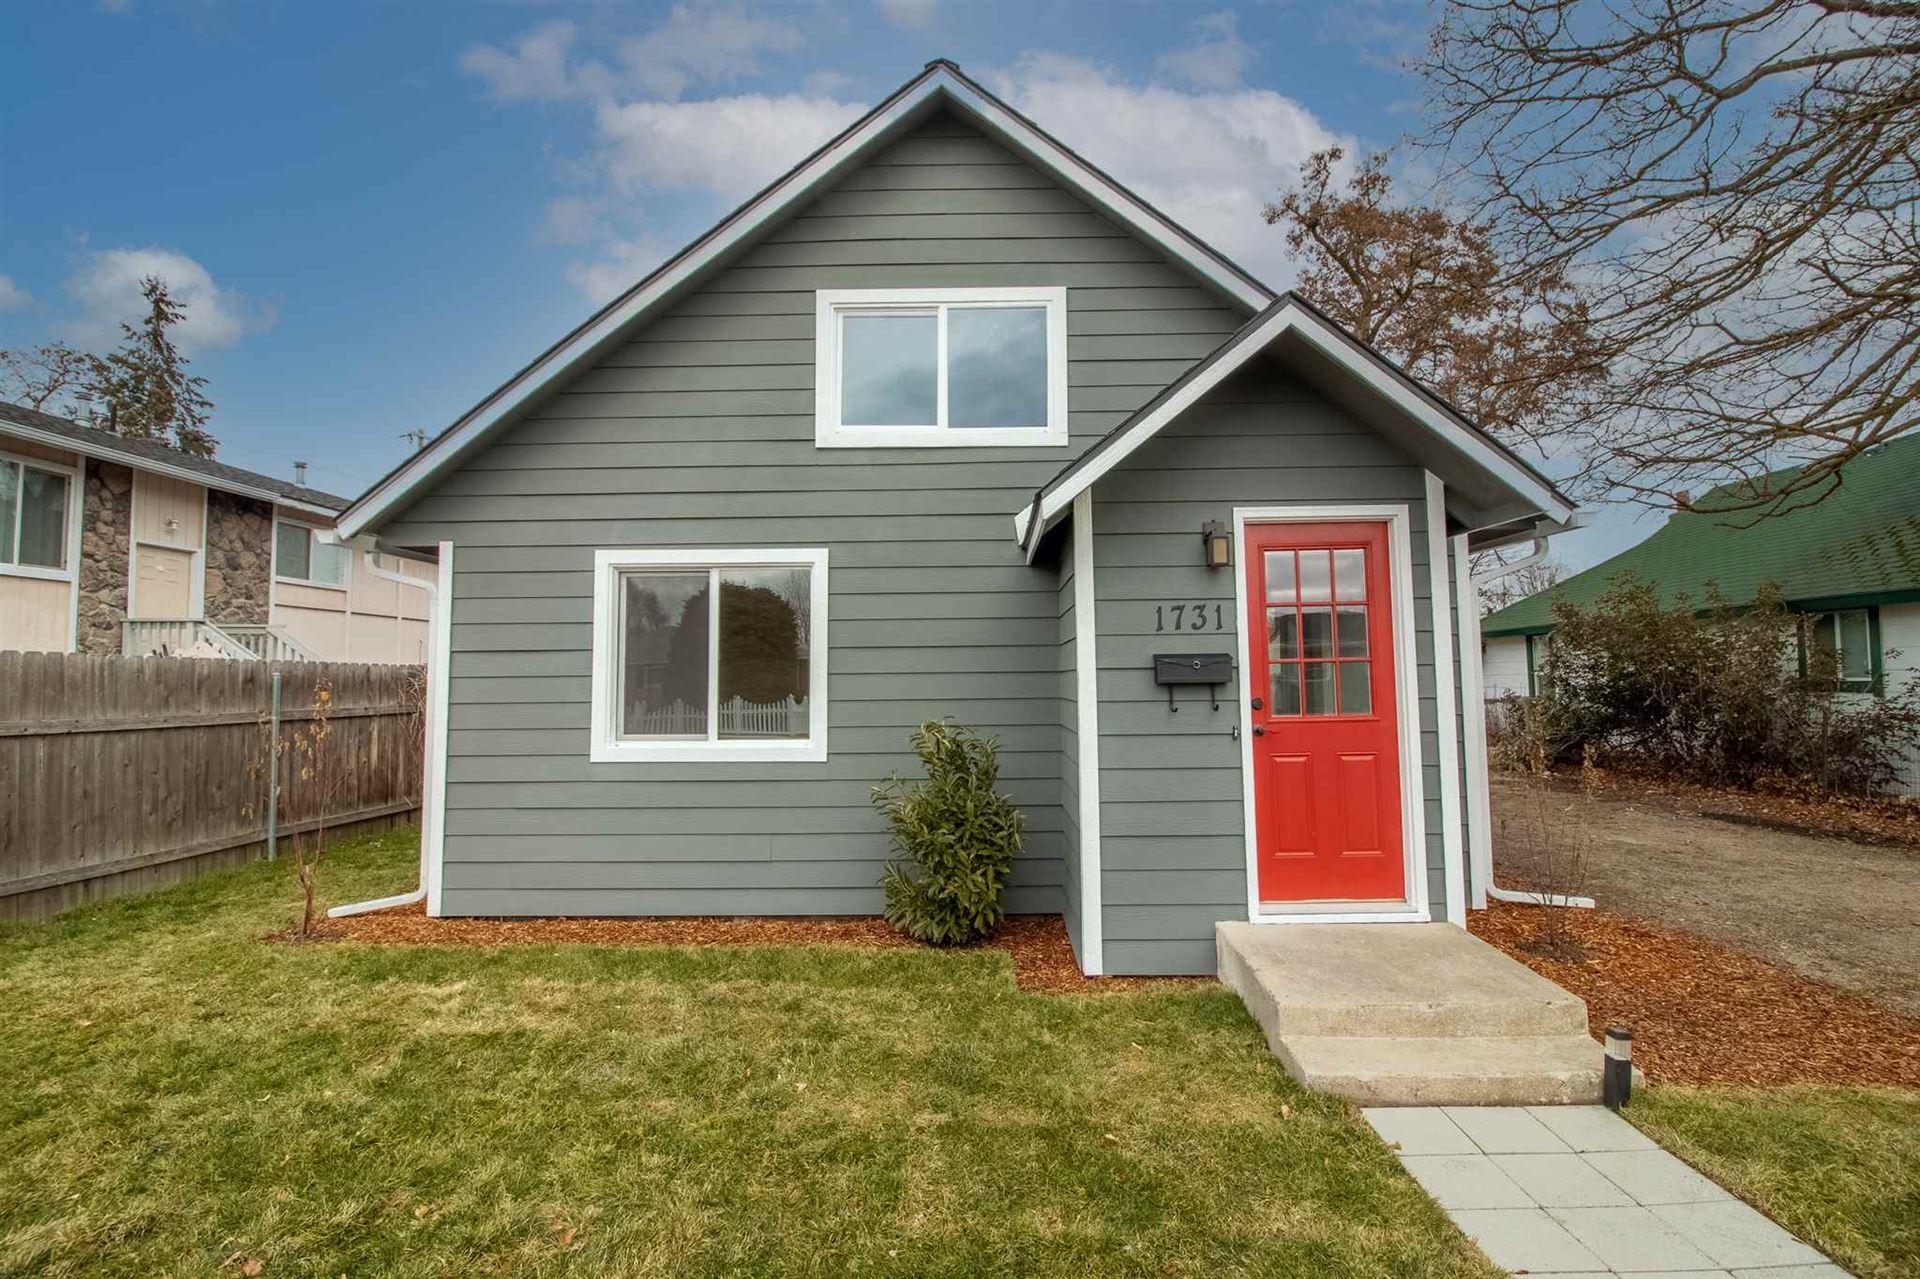 1731 E Sanson Ave, Spokane, WA 99207 - #: 202110729